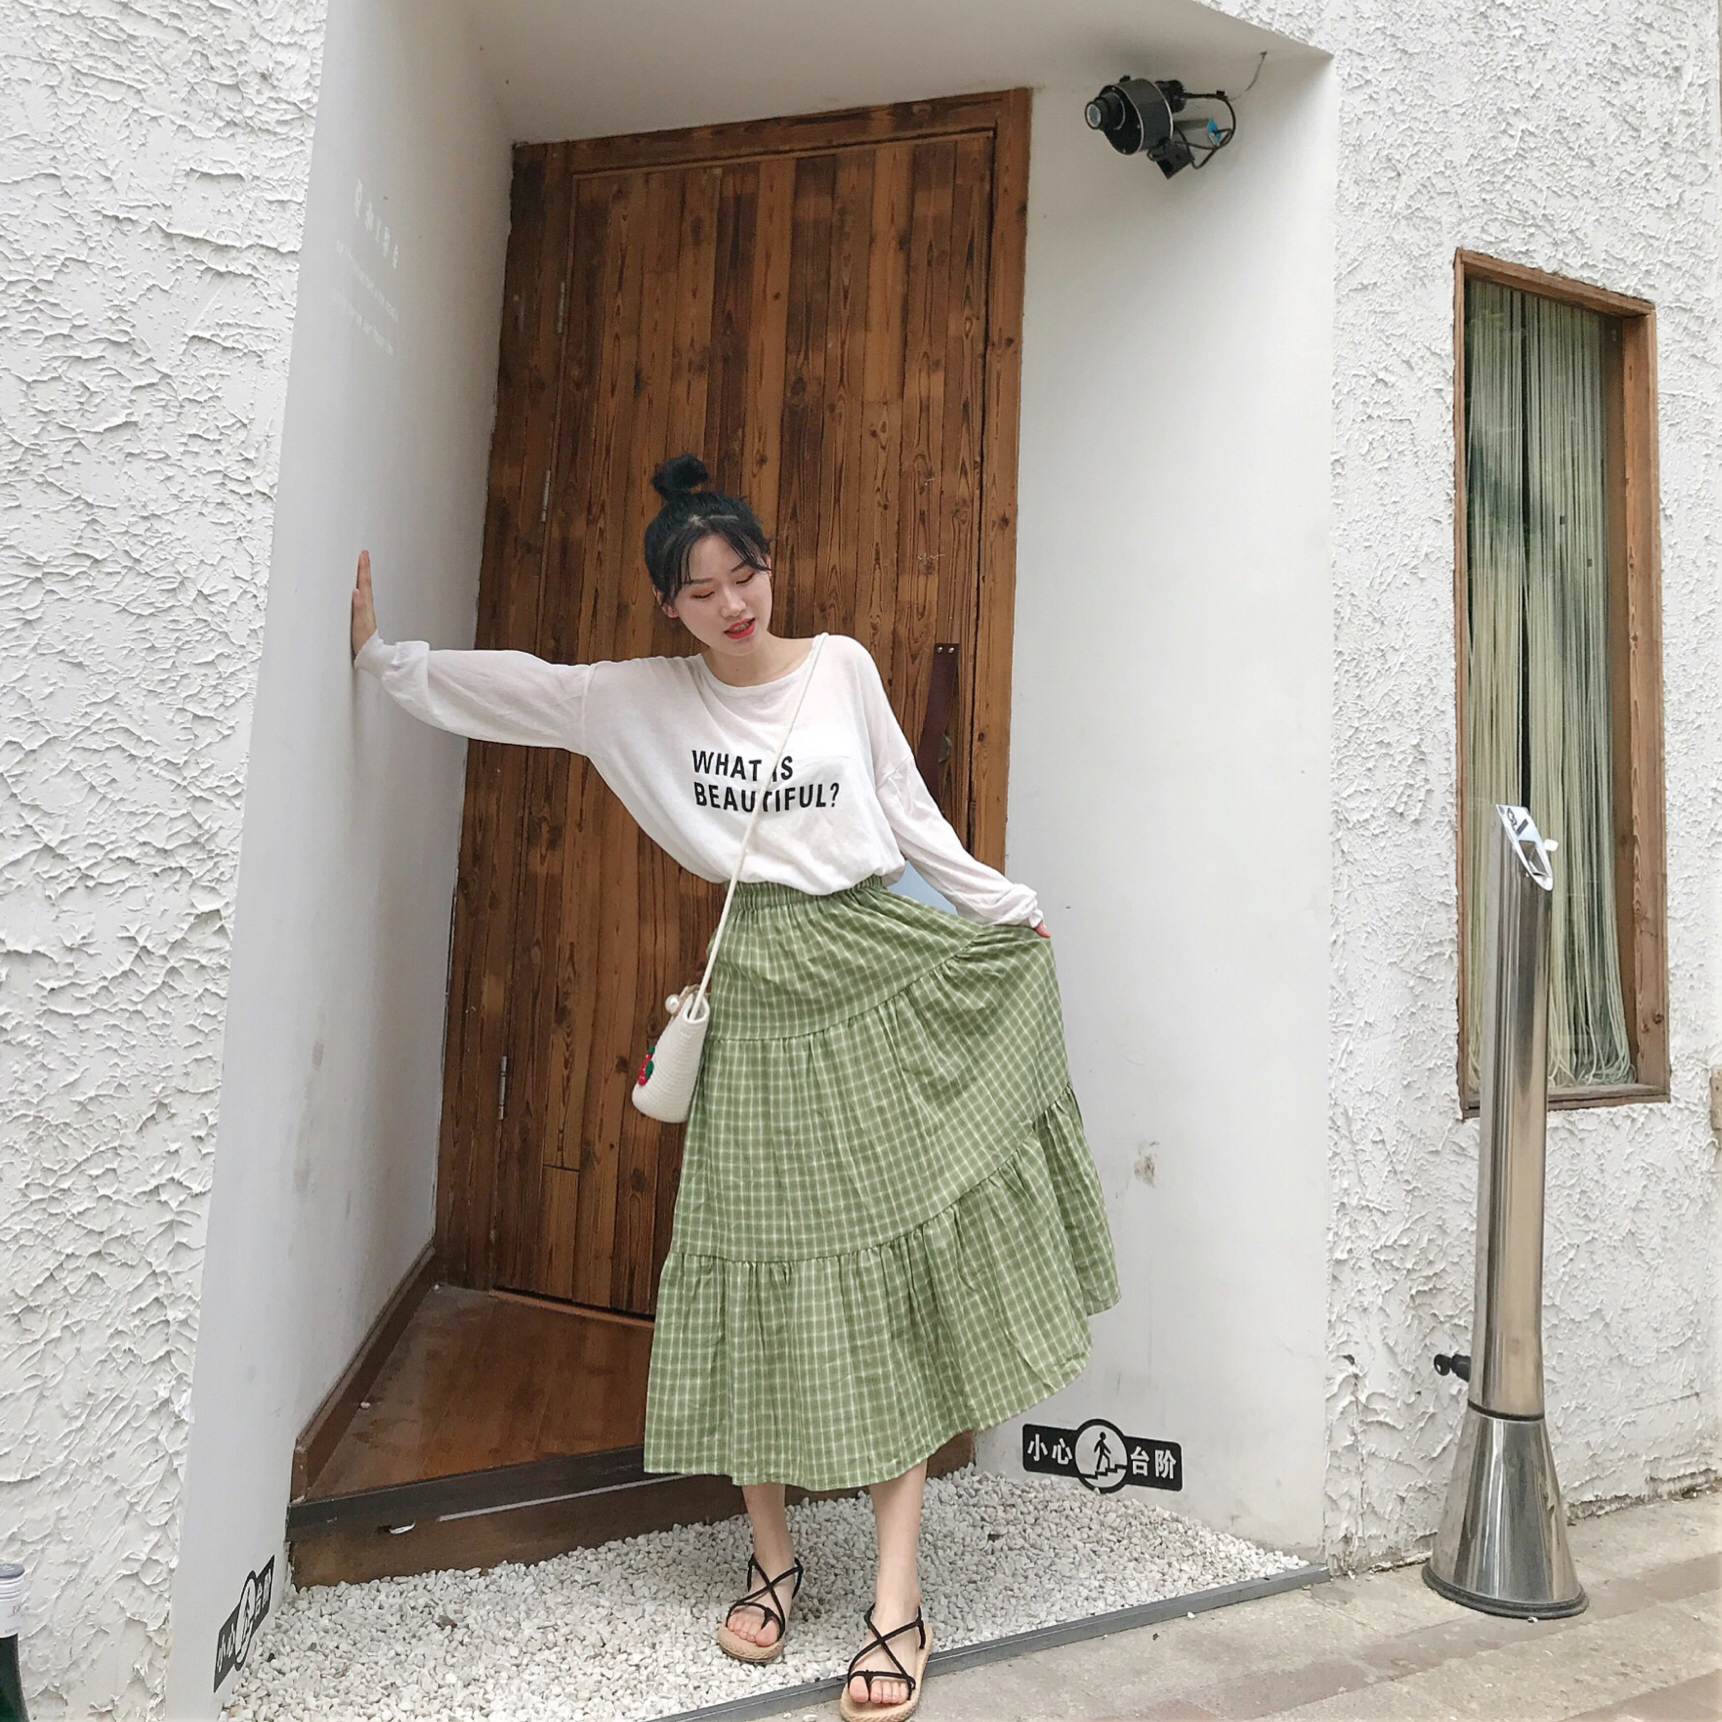 #初秋遮肉大赛,第一名是?# 可爱的表情t+绿色格子半身裙 这种大裙摆的裙子也是太遮肉lya~元气少女心